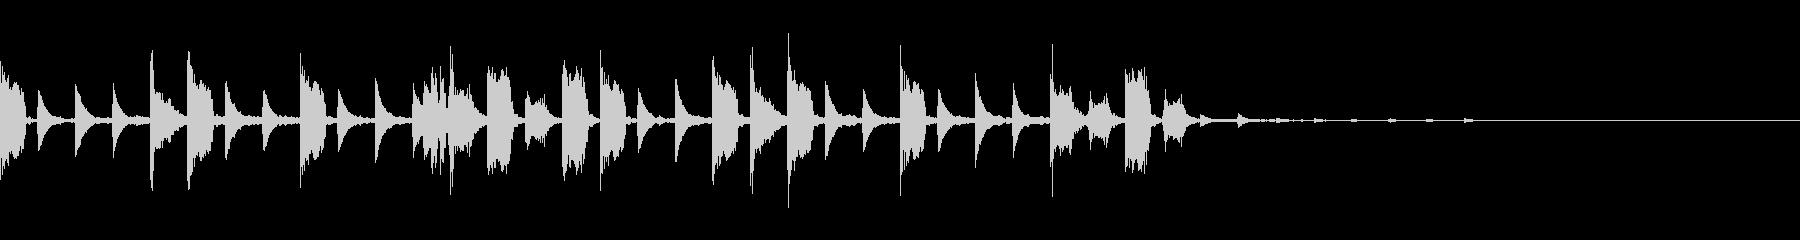 キャッチーダブステップジングルの未再生の波形